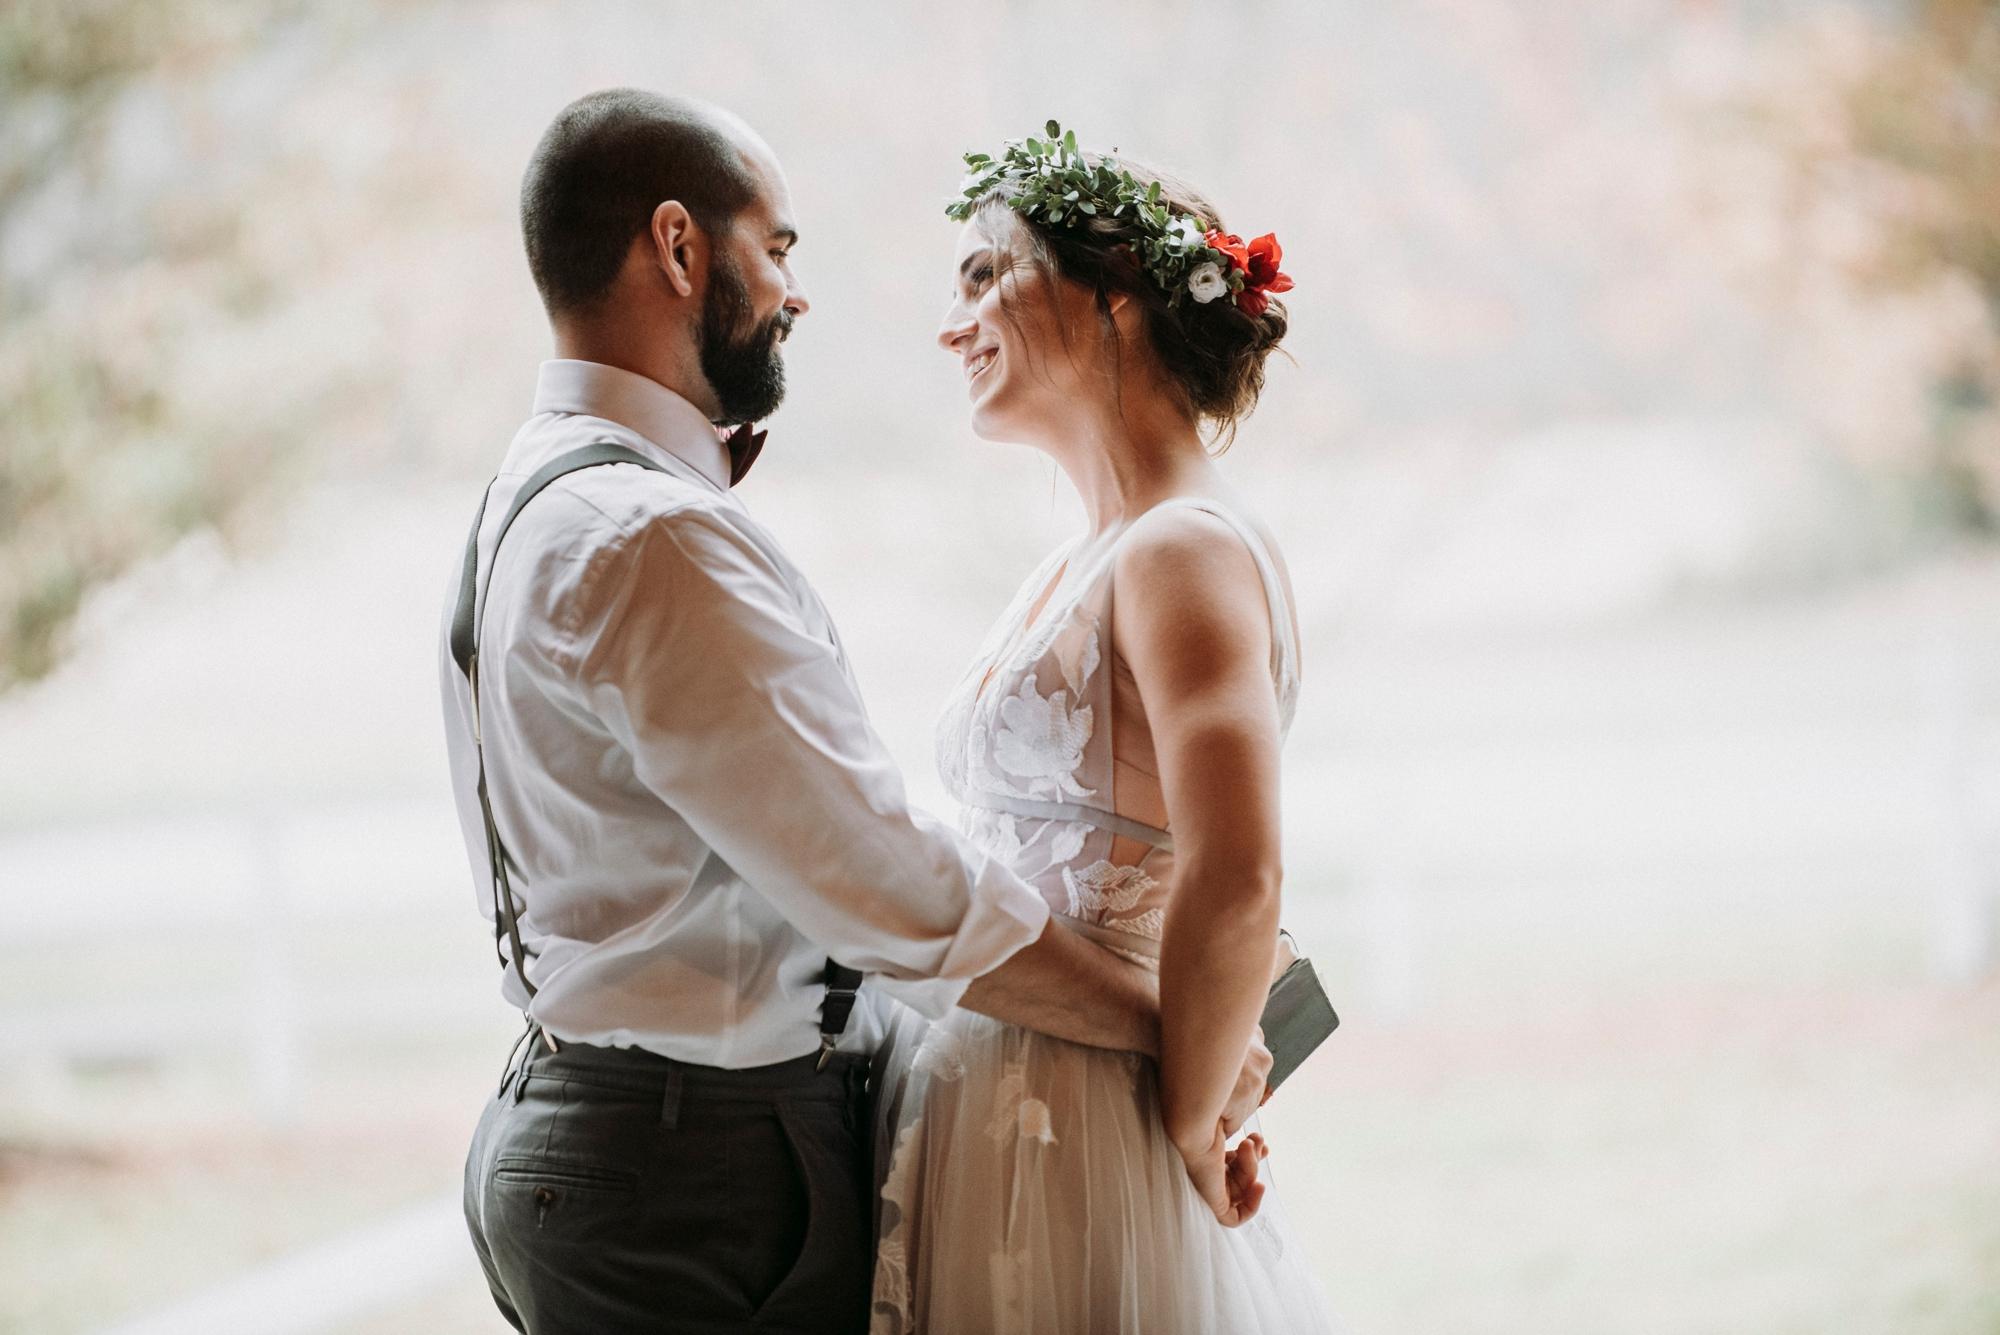 ethical-destination-wedding-stlouis_0027.jpg